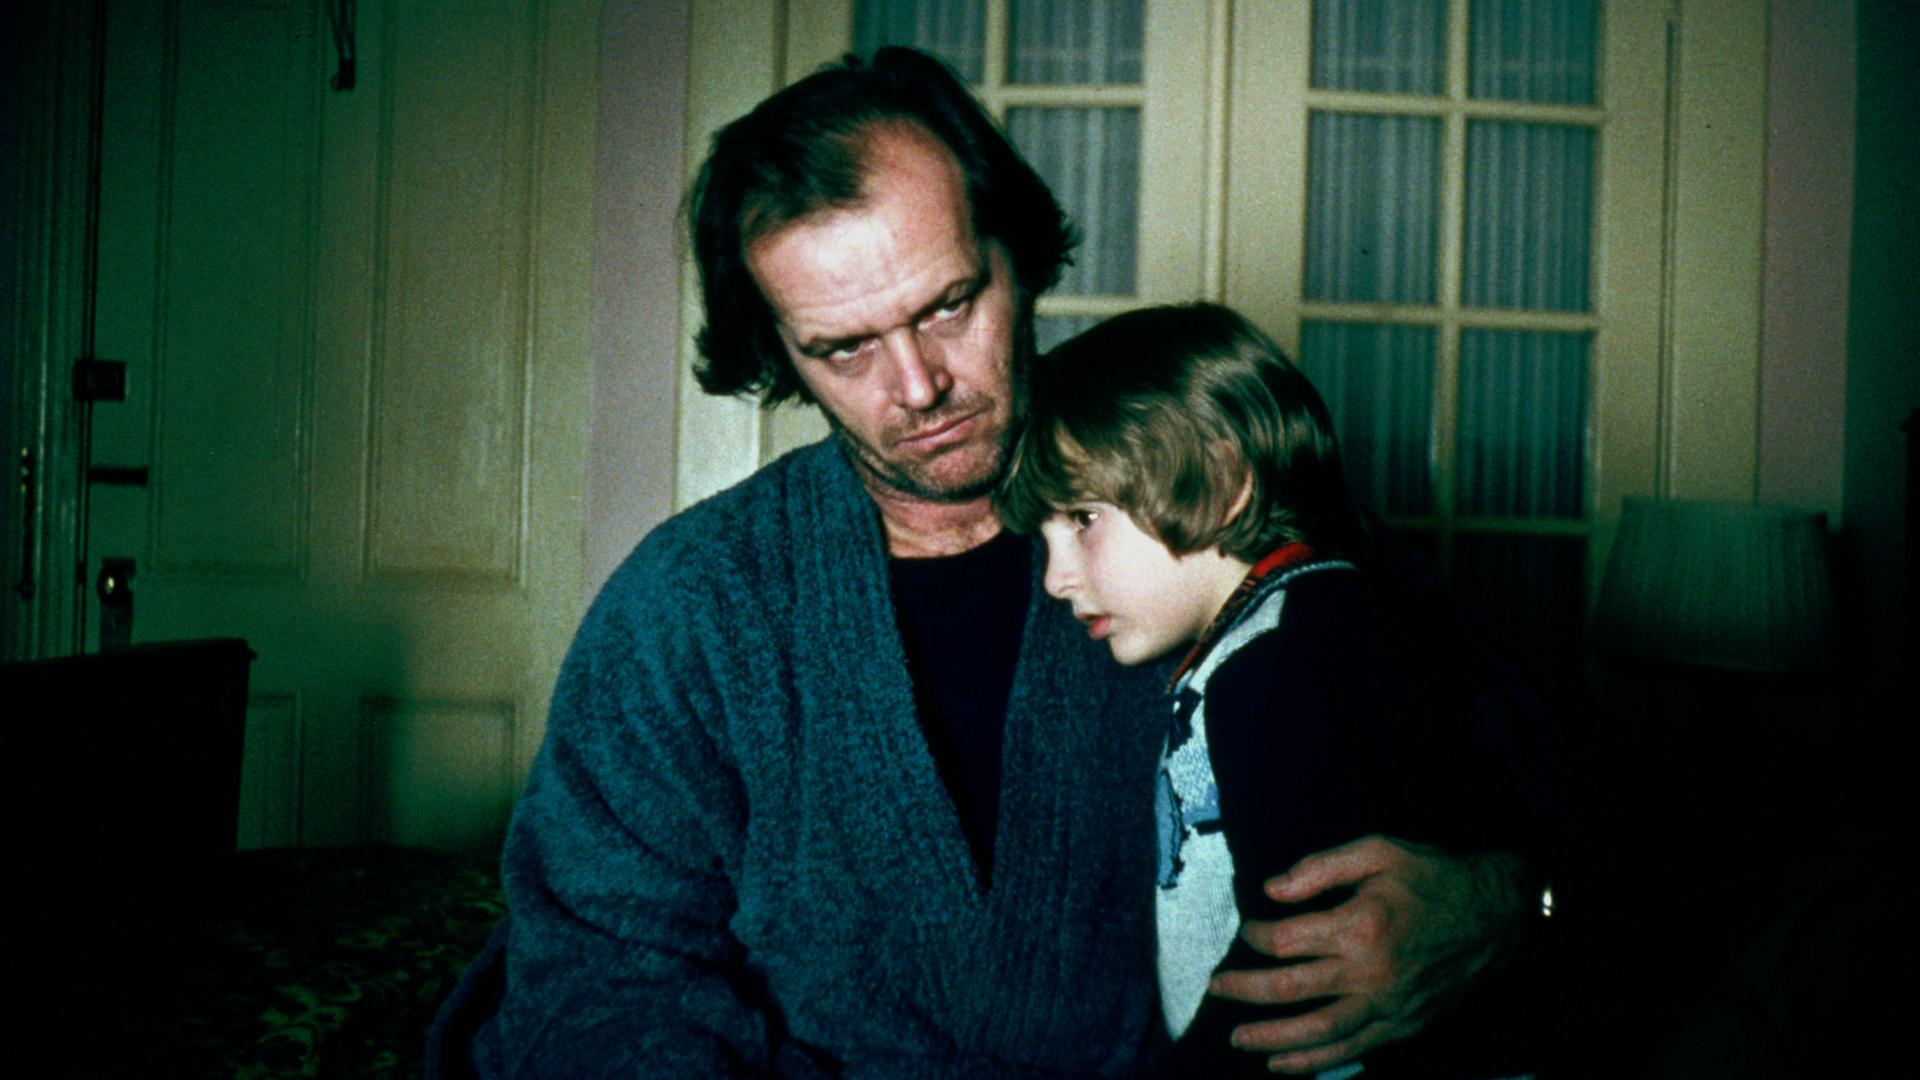 the shining jack nicholson danny lloyd - Danny Lloyd và cú lừa hoàn hảo, đóng phim kinh dị nhưng tưởng là phim gia đình